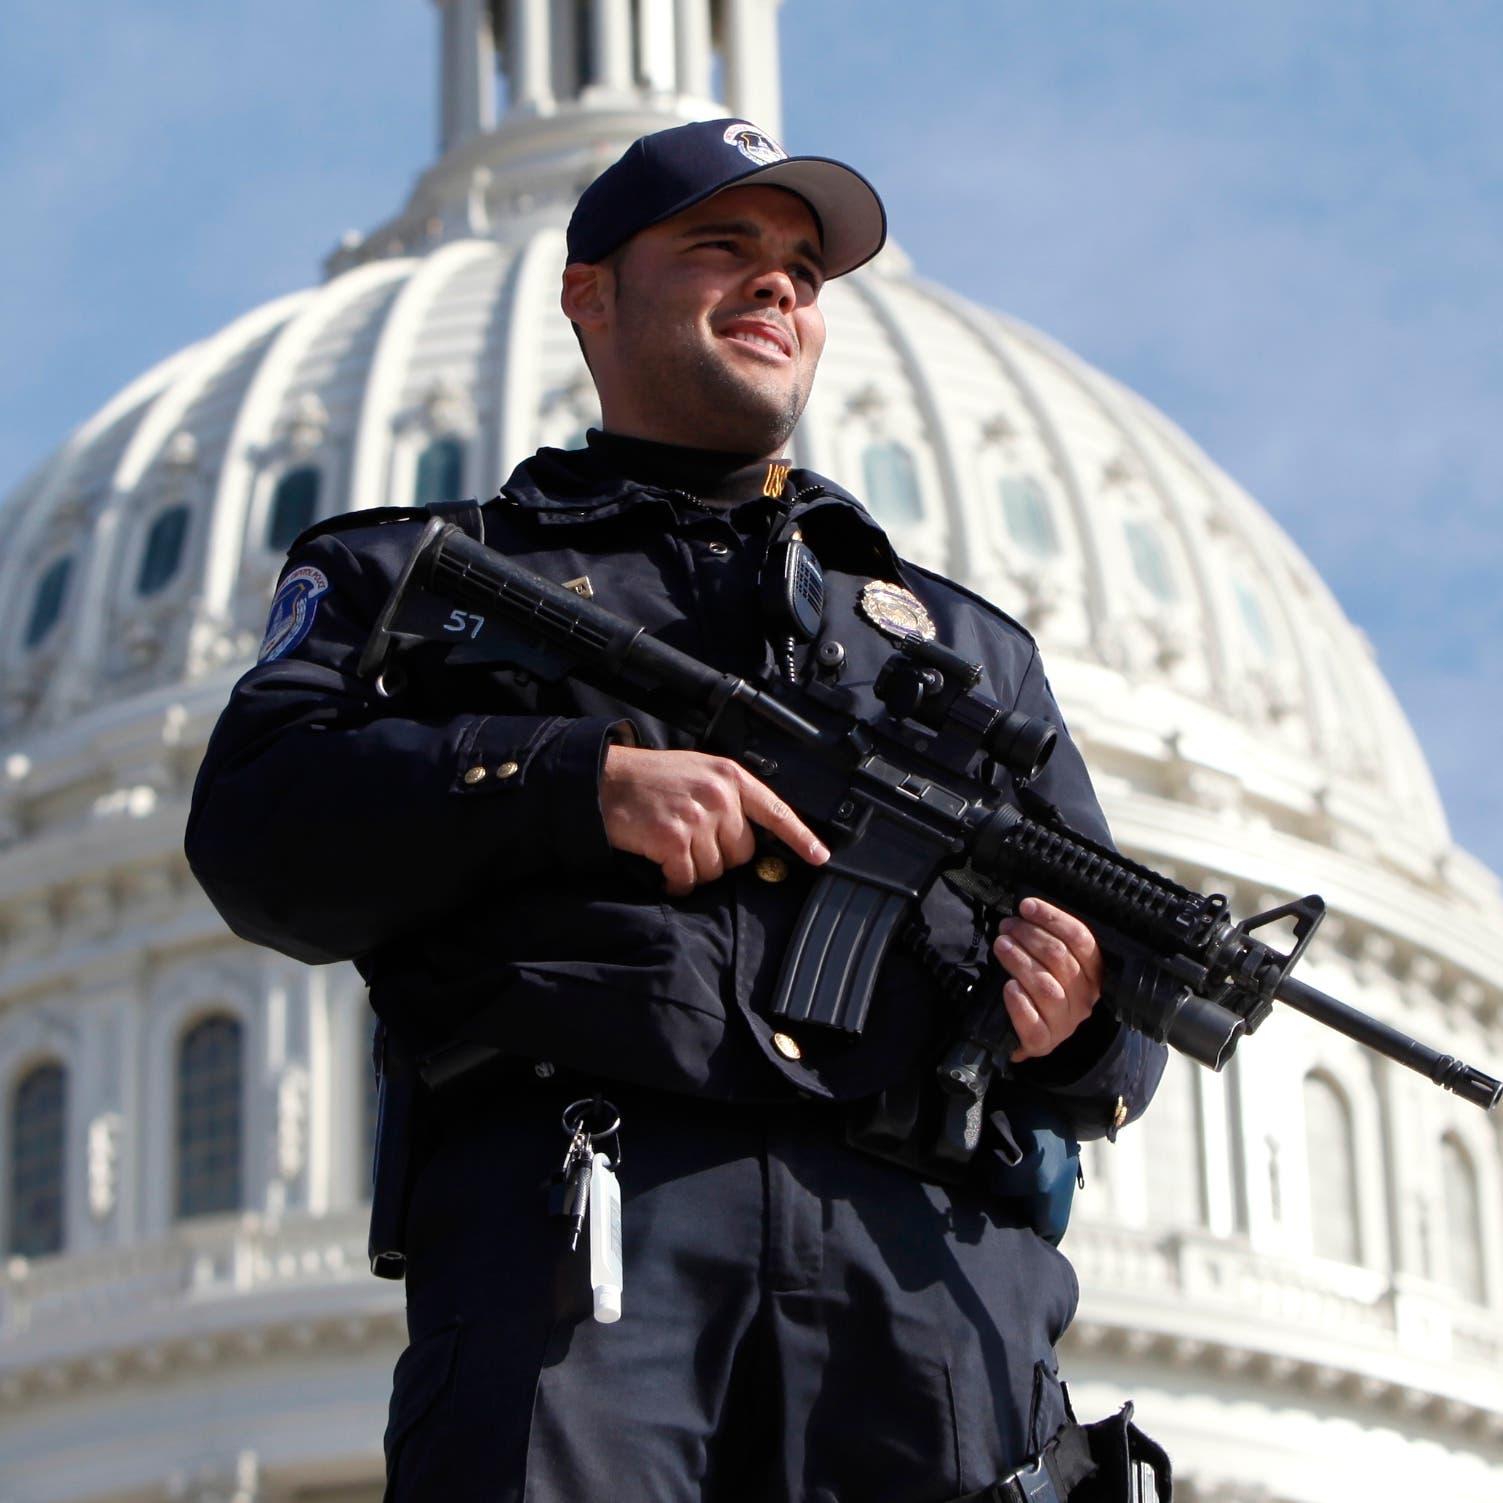 واشنطن: توقيف مسلّح مدجّج بالذخيرة بمحيط مبنى الكابيتول